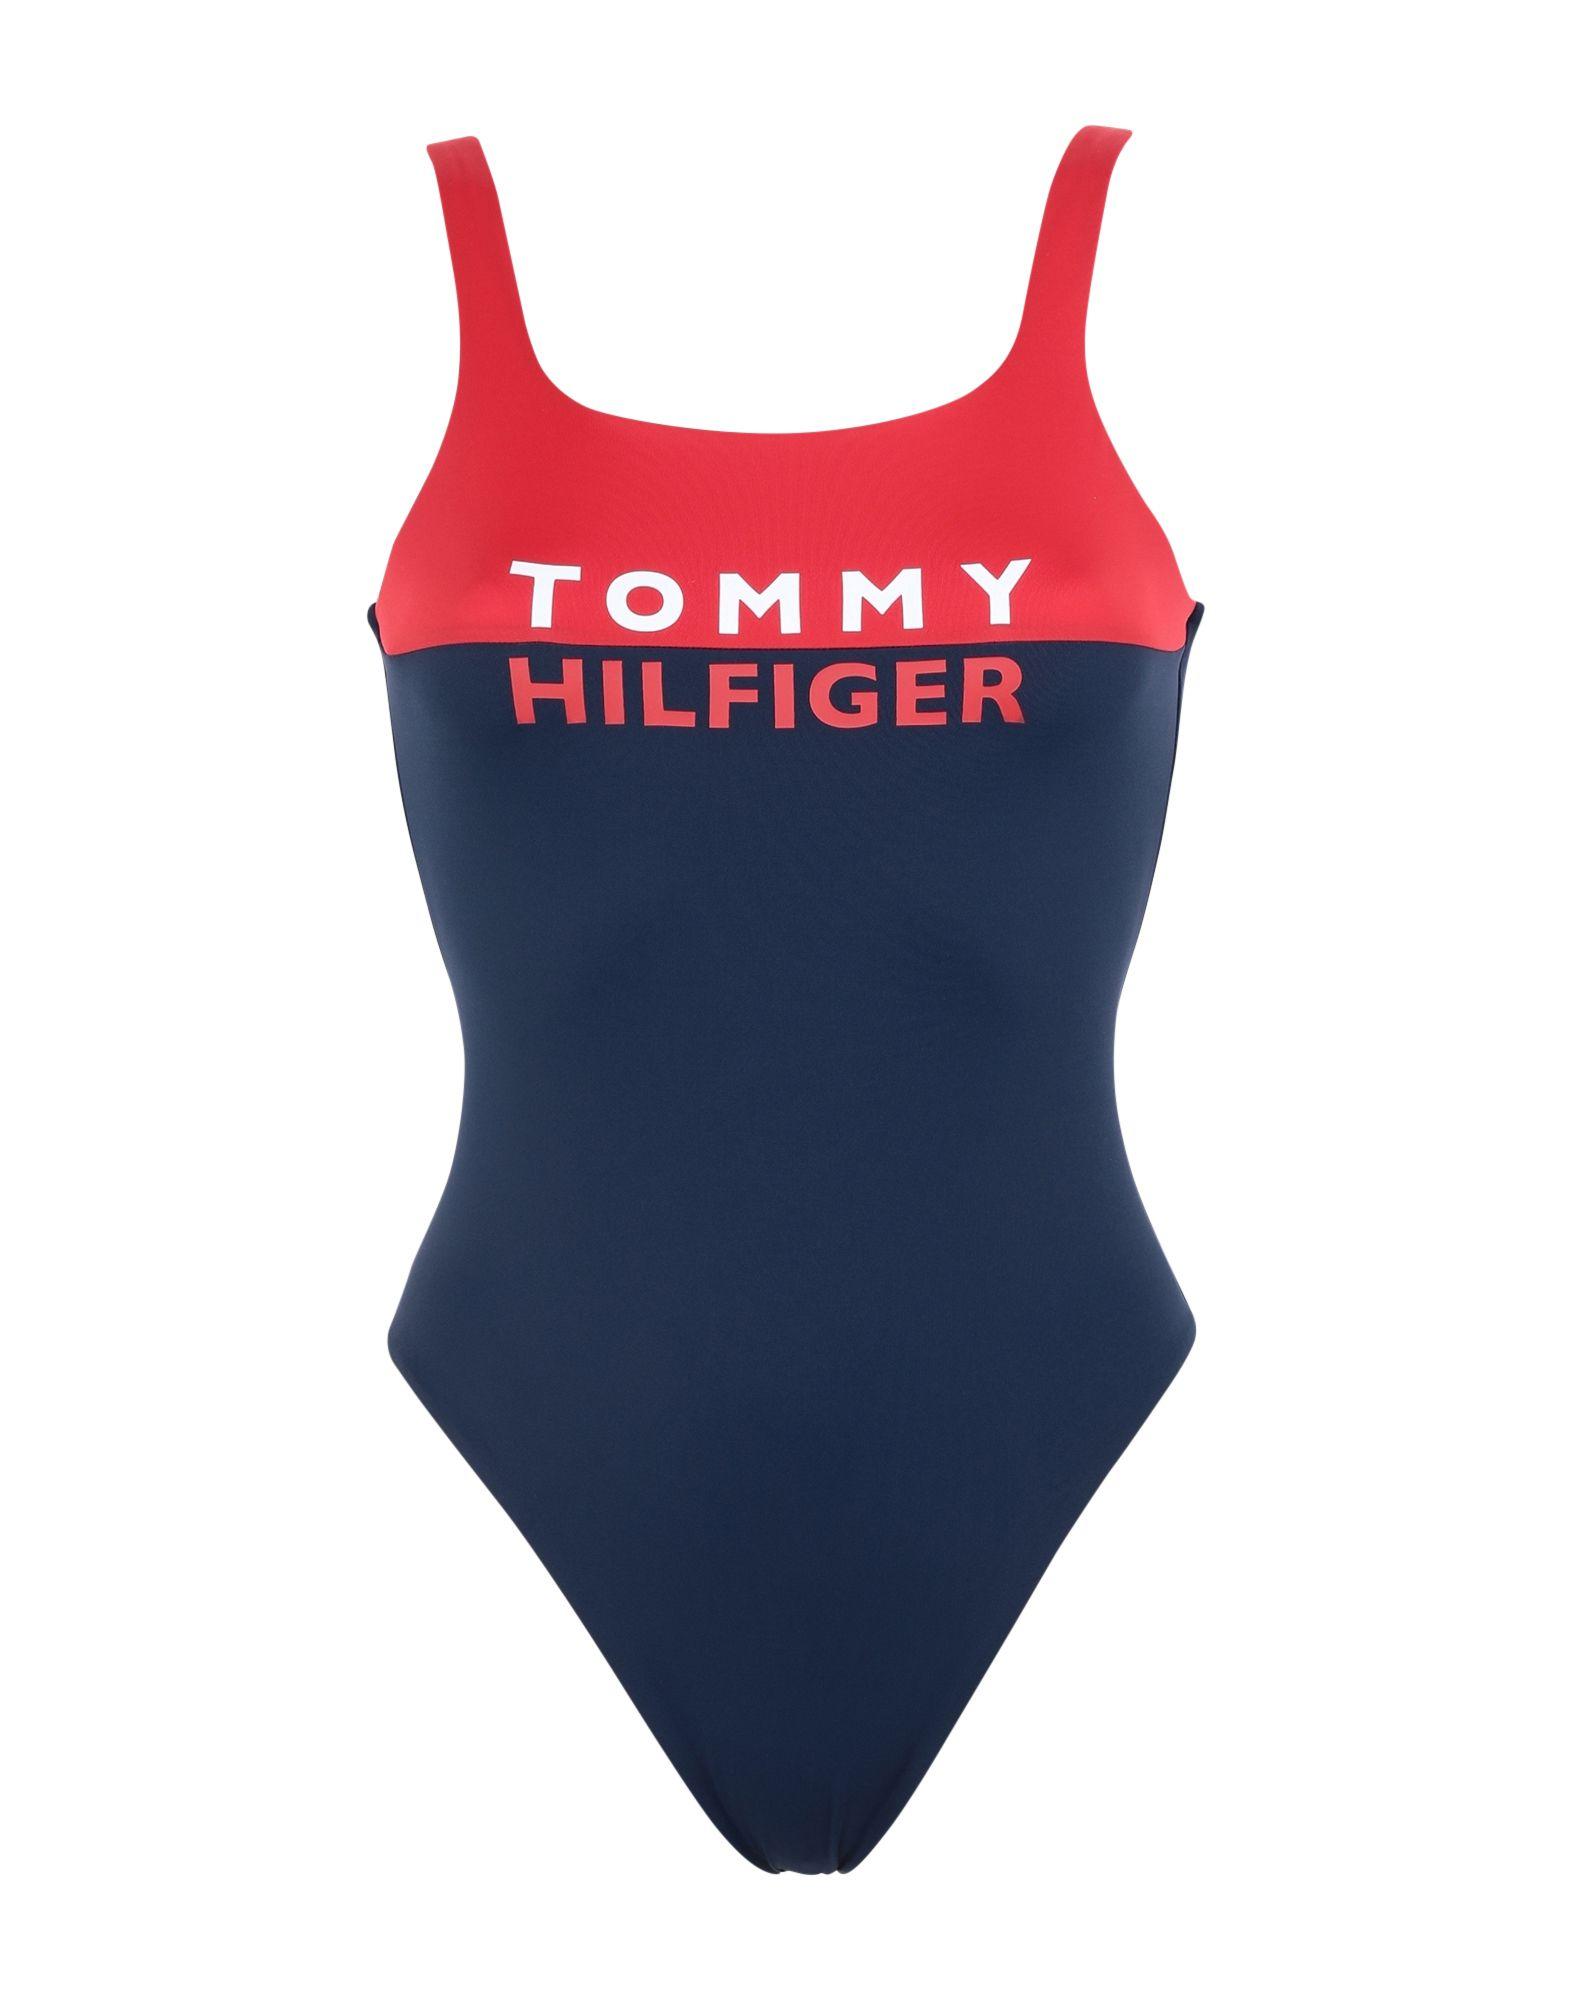 TOMMY HILFIGER Слитный купальник купальник madwave madwave ma991ewhyx64